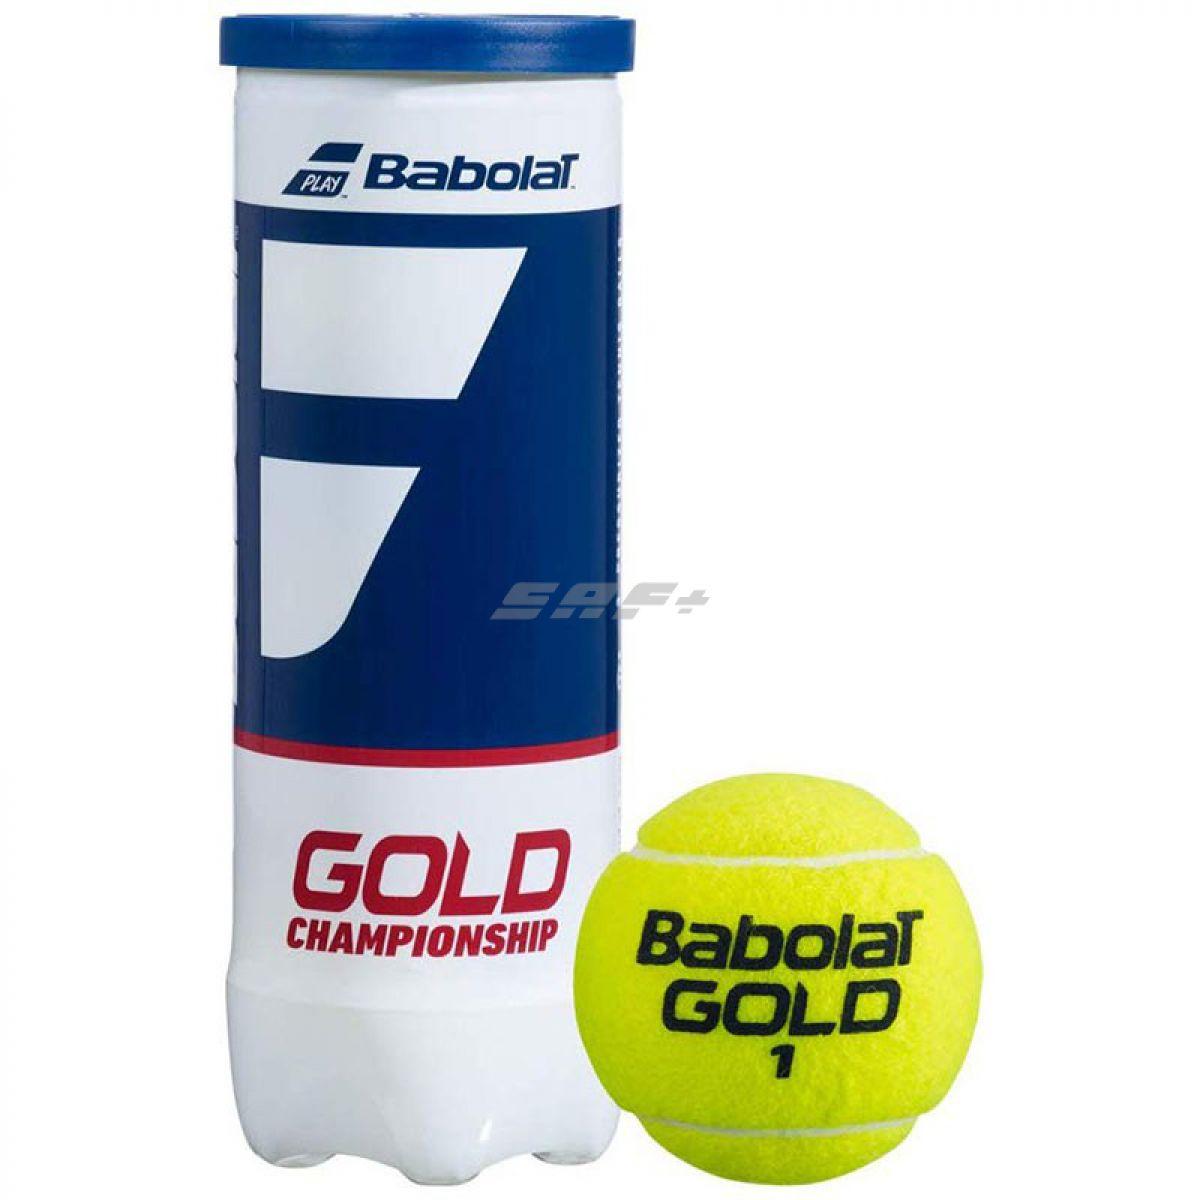 Мяч теннисный BABOLAT Gold  Championship 3B